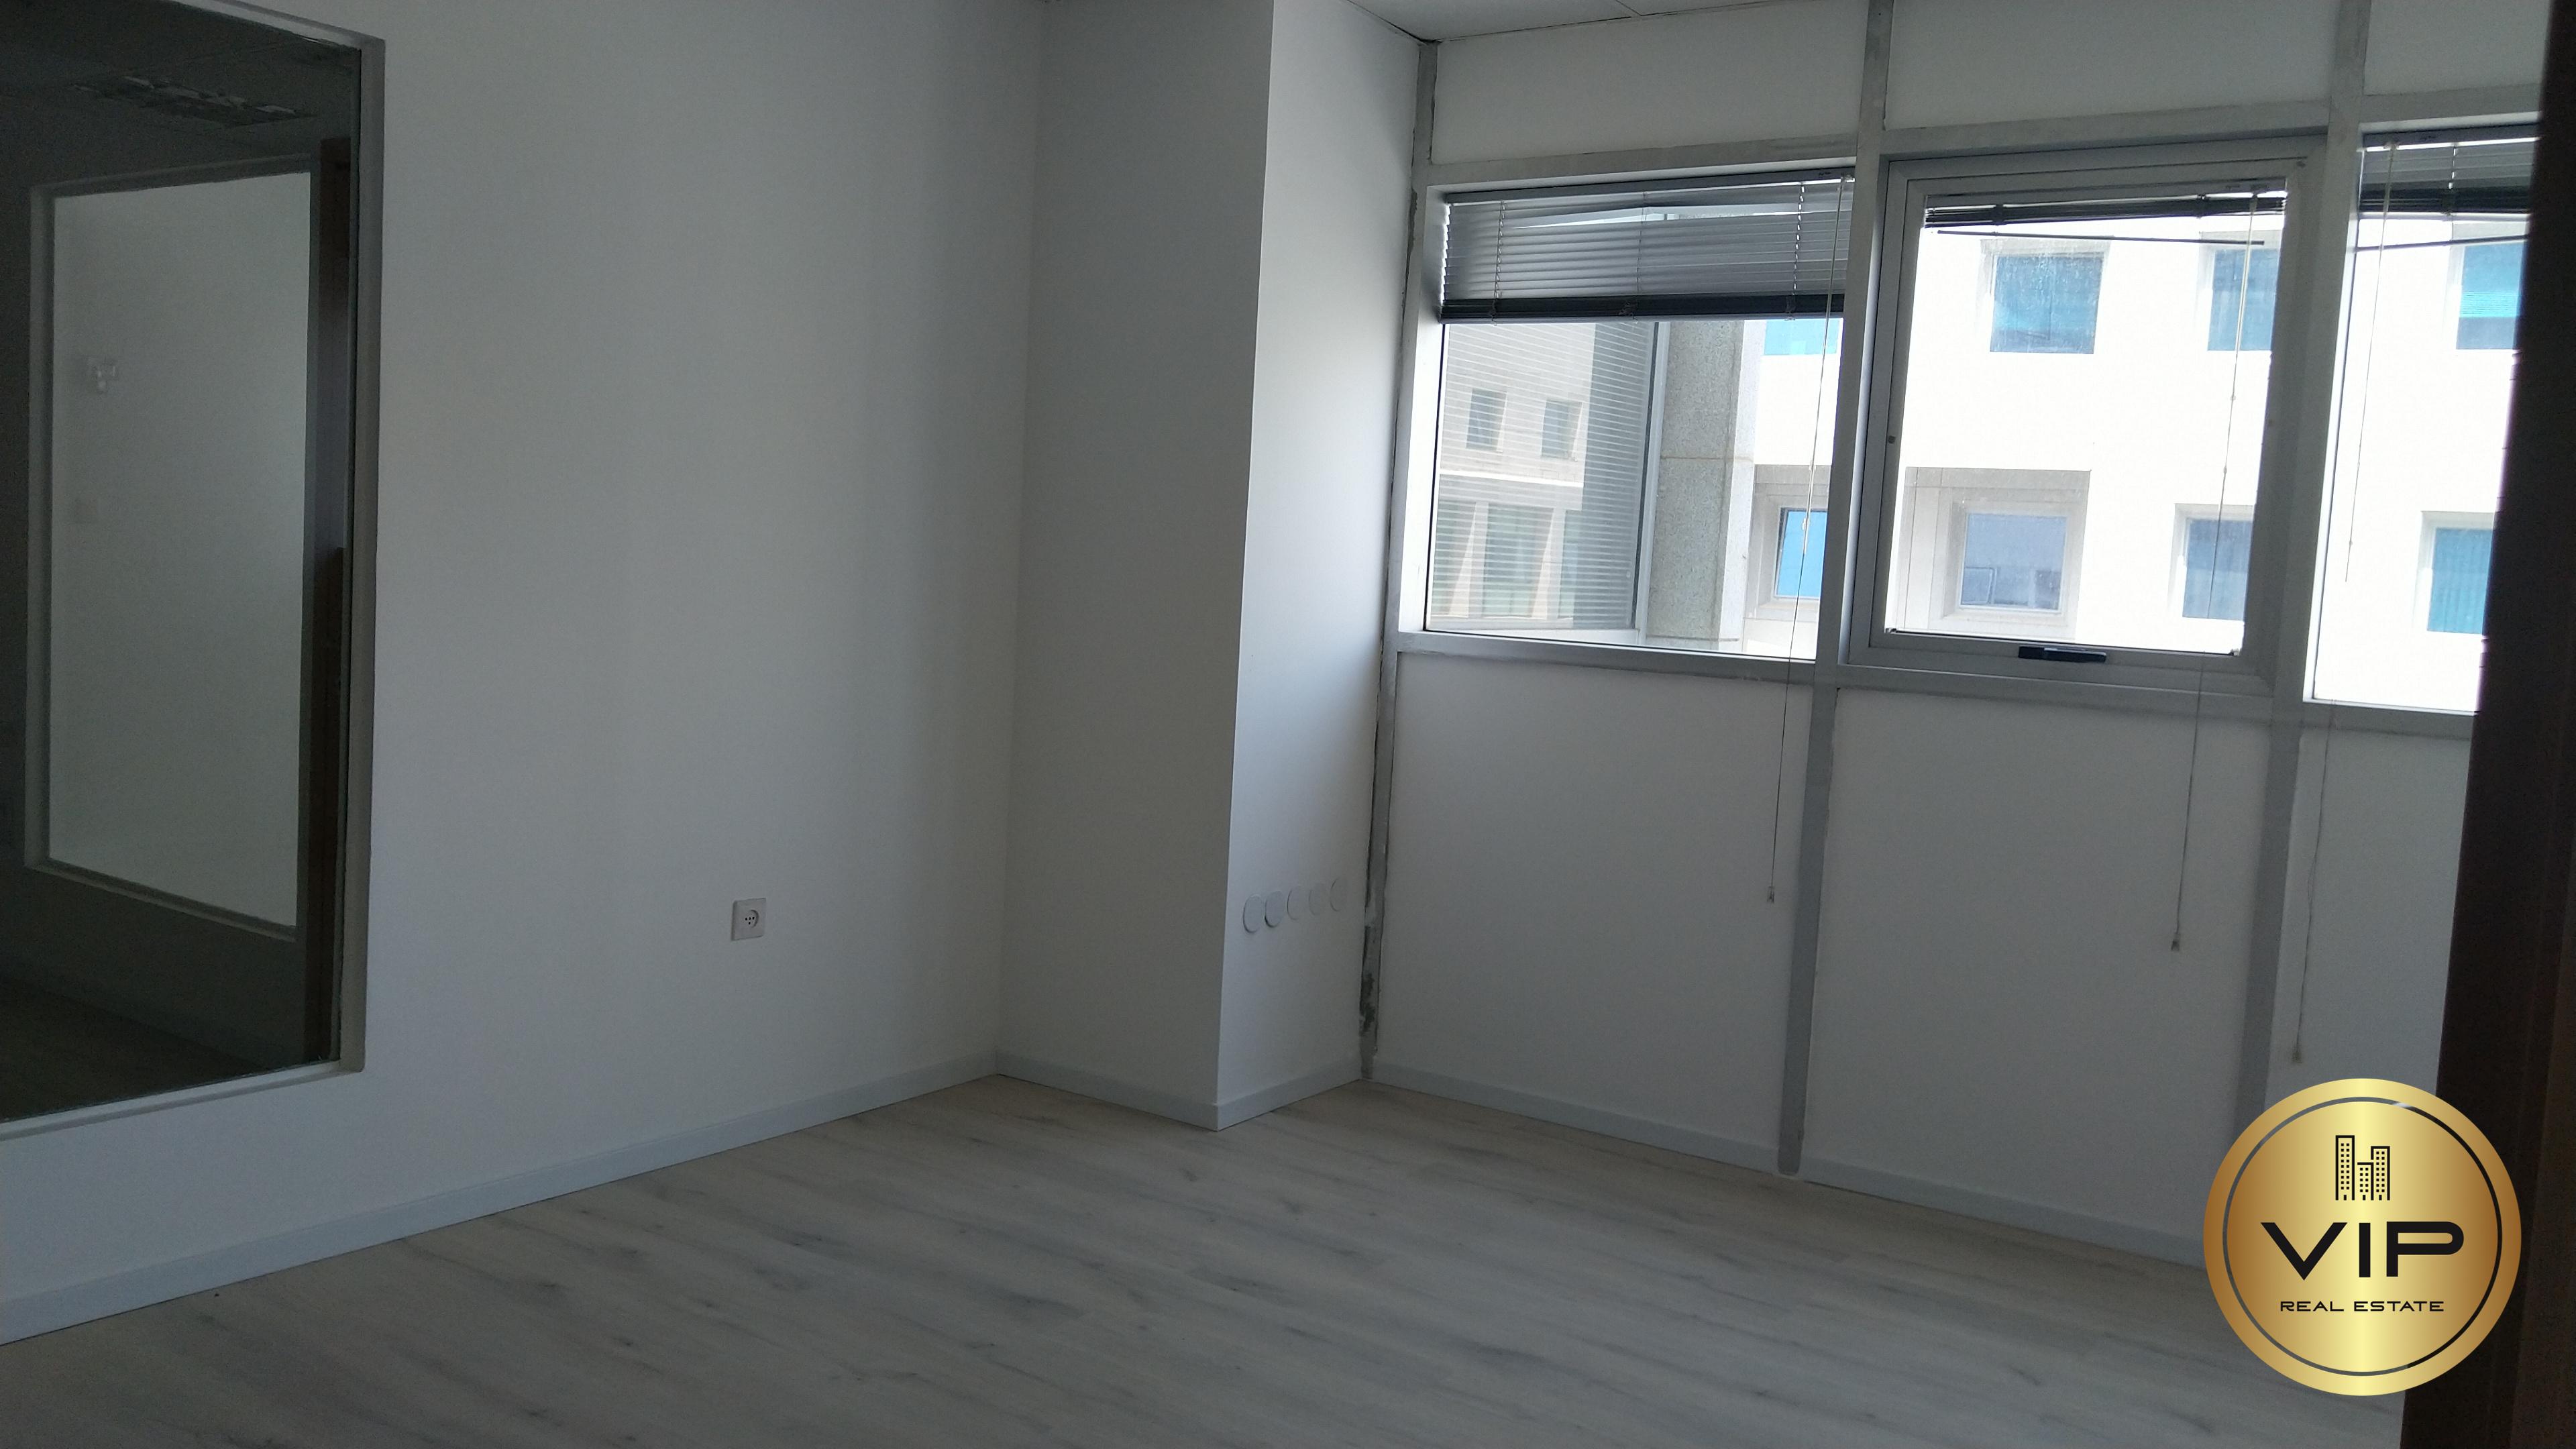 תמונה 2 ,משרדים להשכרה משרדים להשכרה בצפון תל אביב ,רחוב הברזל 125 מר משרד מואר  רמת החייל תל אביב יפו